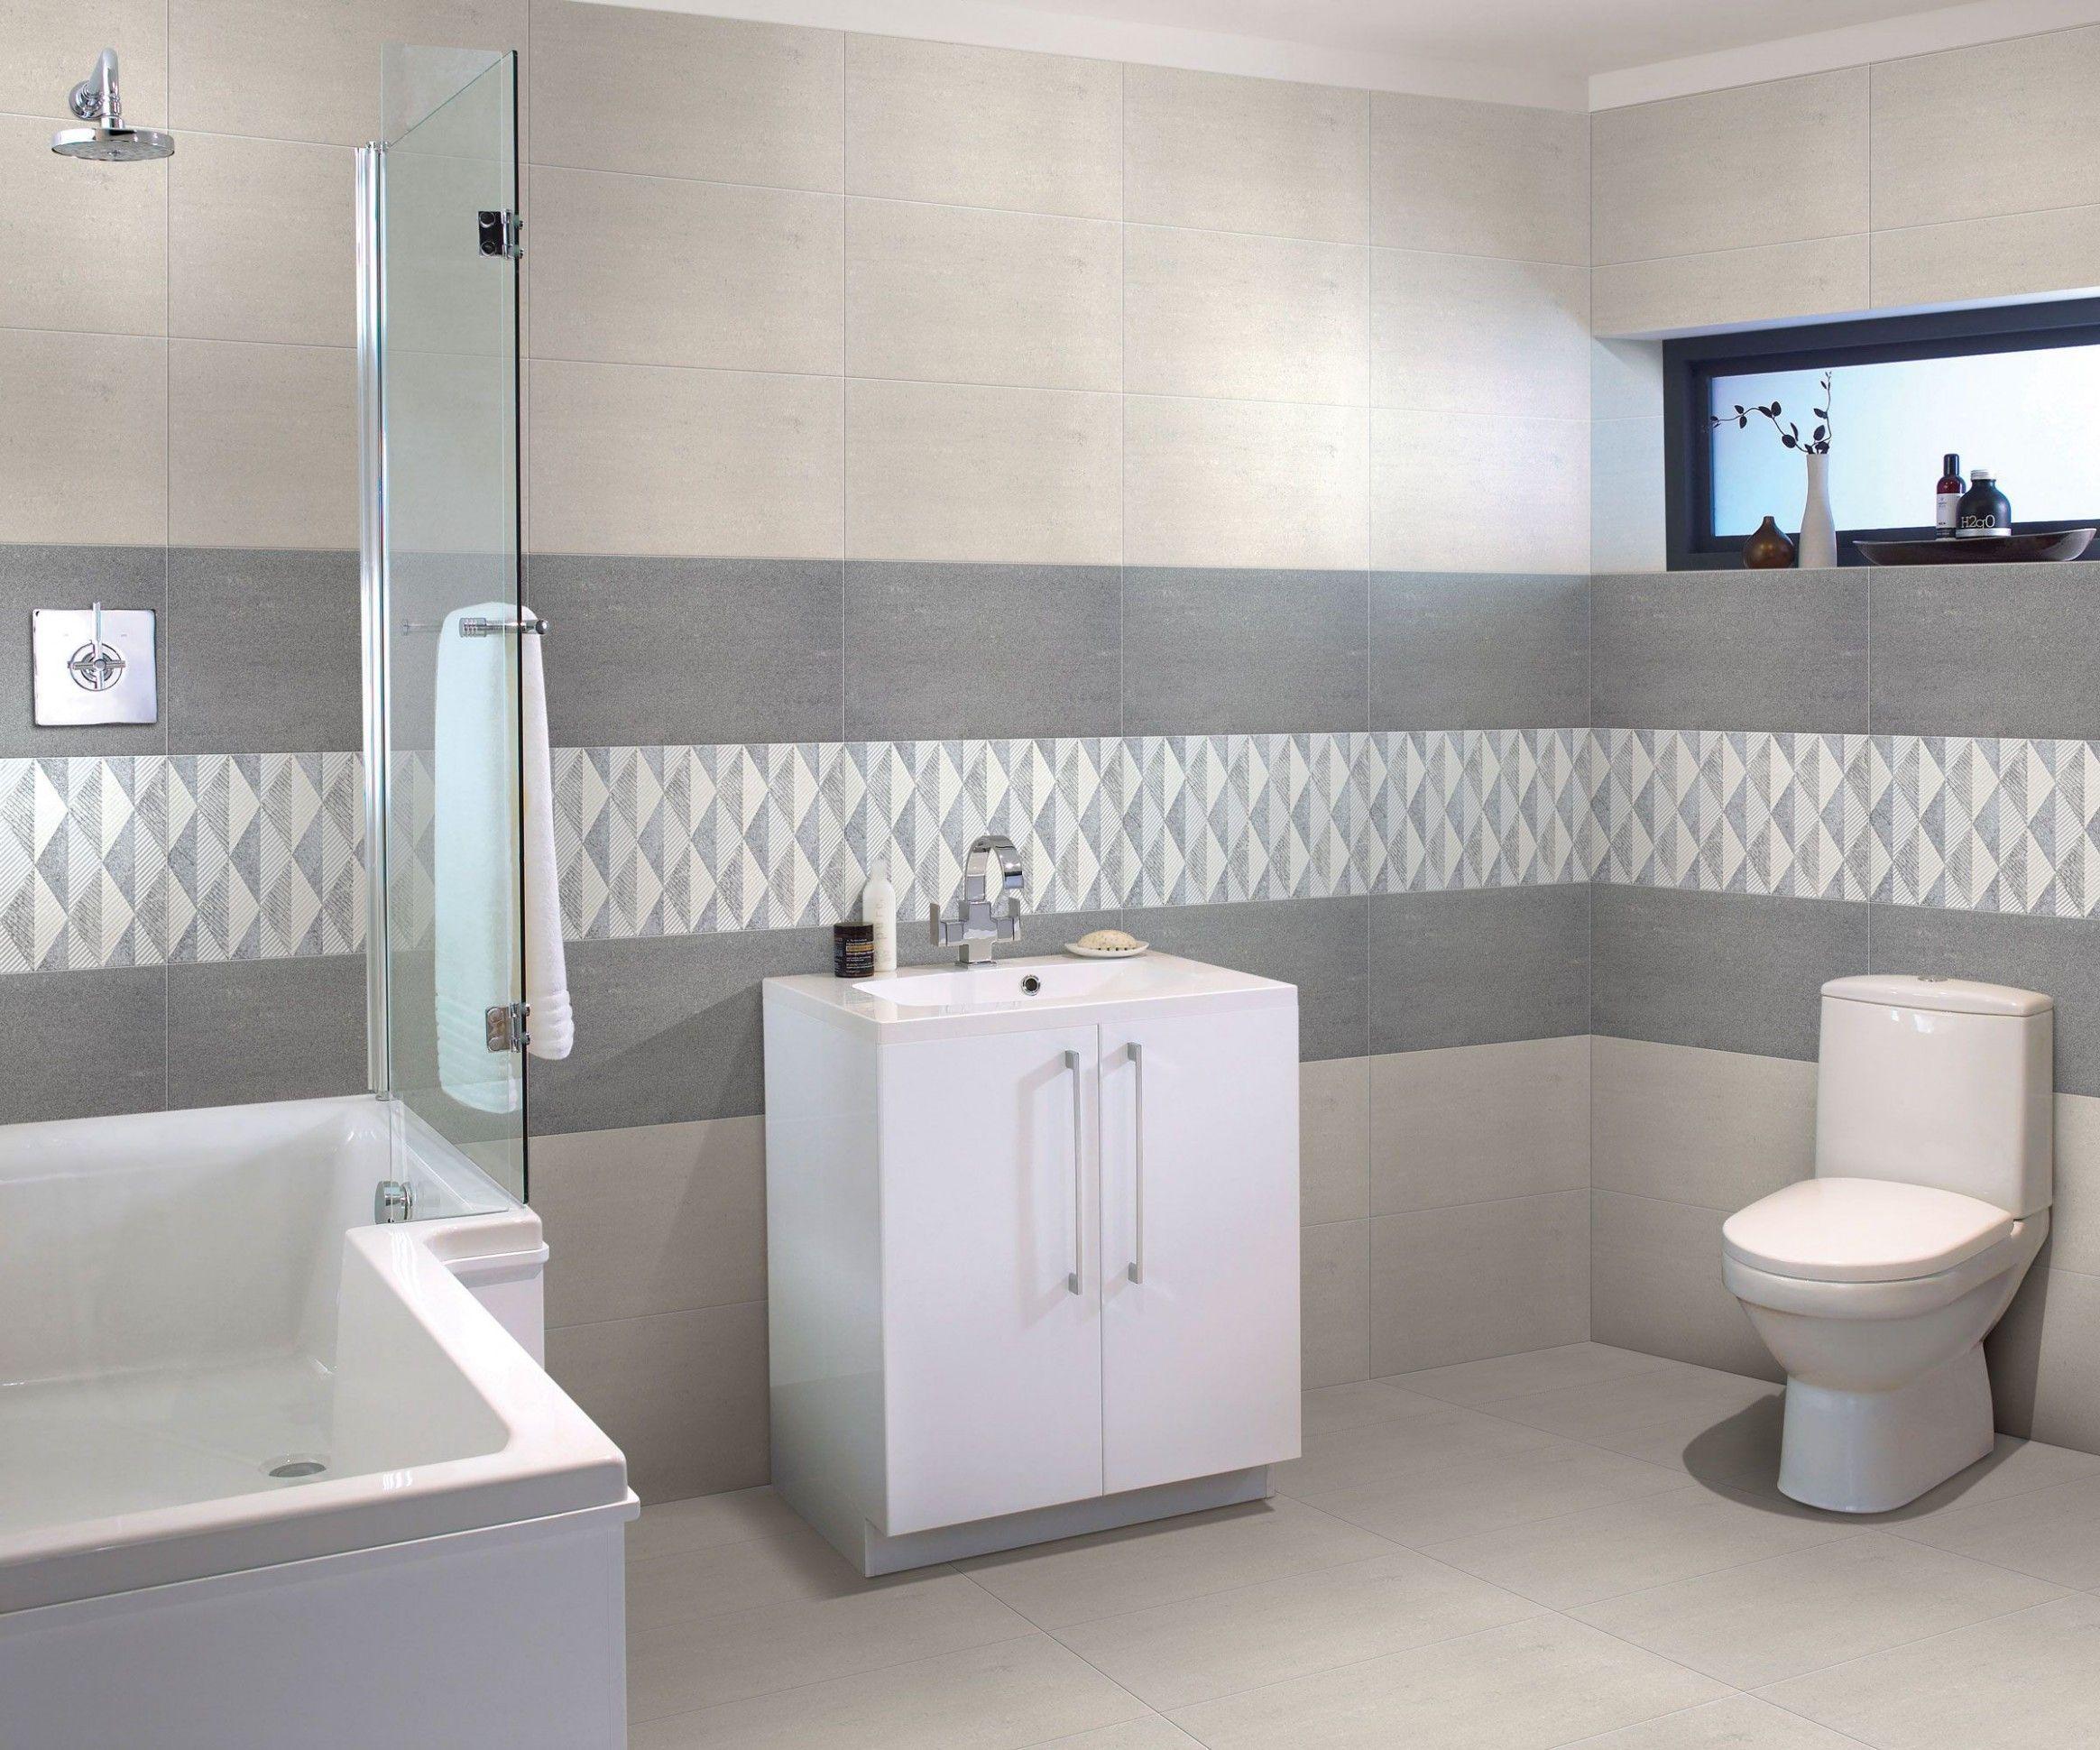 Indian Bathroom Floor Tiles Design Pictures Bathroom Design Floor Indian Pictures Tiles In 2020 Bathroom Wall Tile Design Bathroom Tile Designs Wall Tiles Design